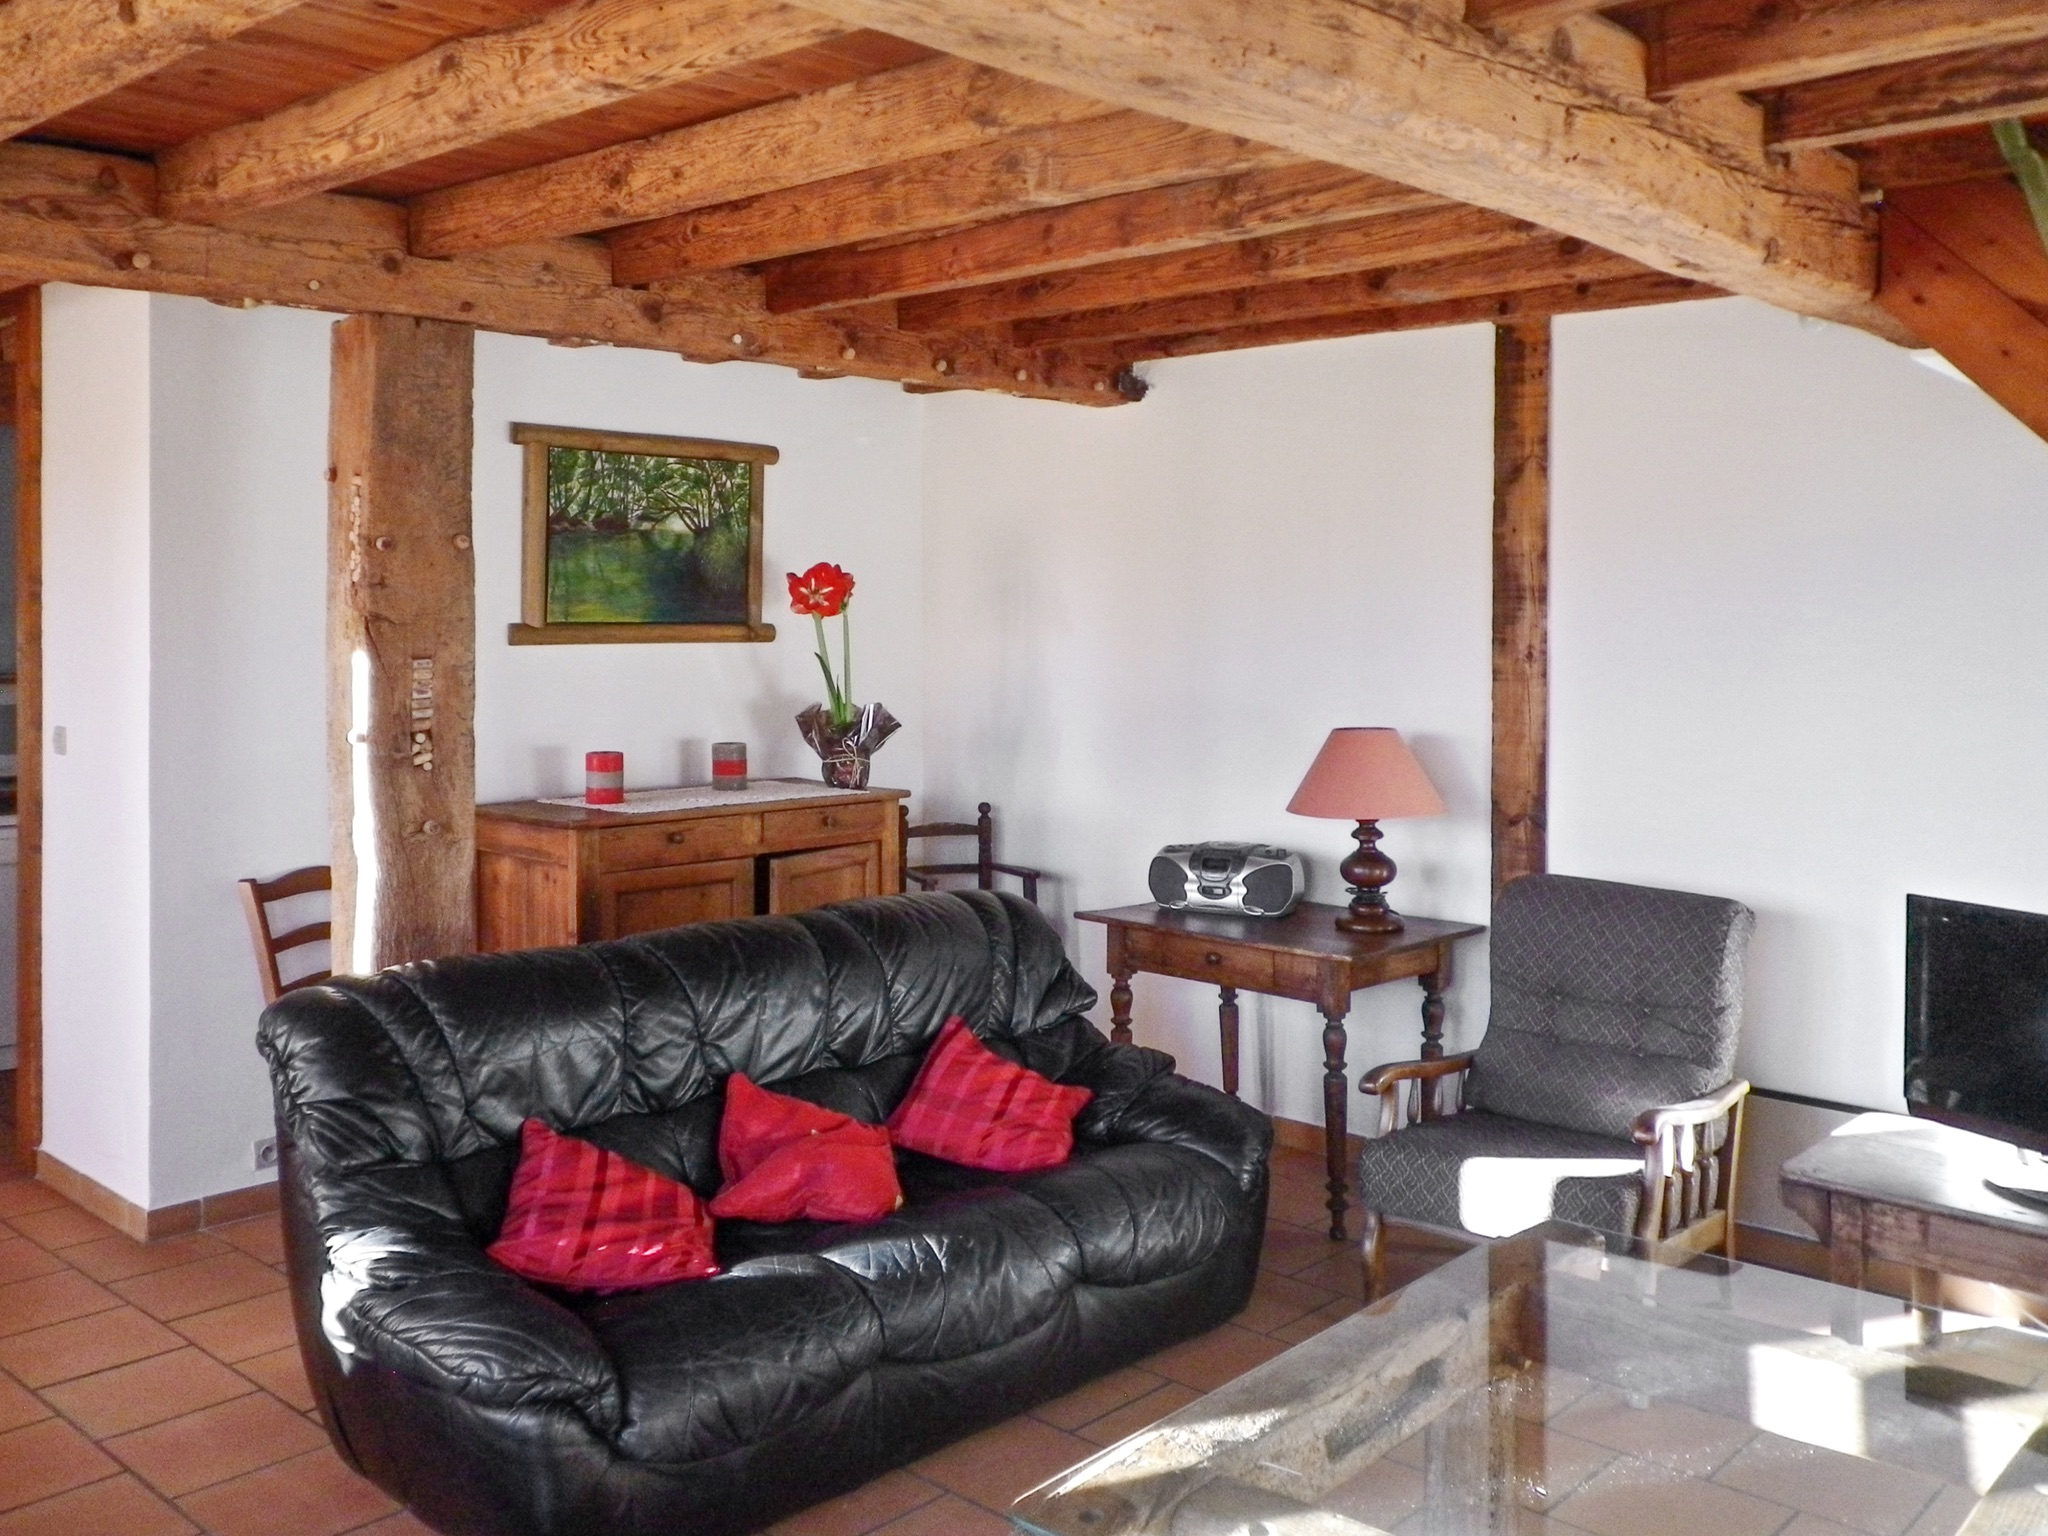 Ferienhaus Villa mit 4 Zimmern in Trensacq mit privatem Pool und möbliertem Garten - 45 km vom Strand (2202366), Trensacq, Landes, Aquitanien, Frankreich, Bild 10